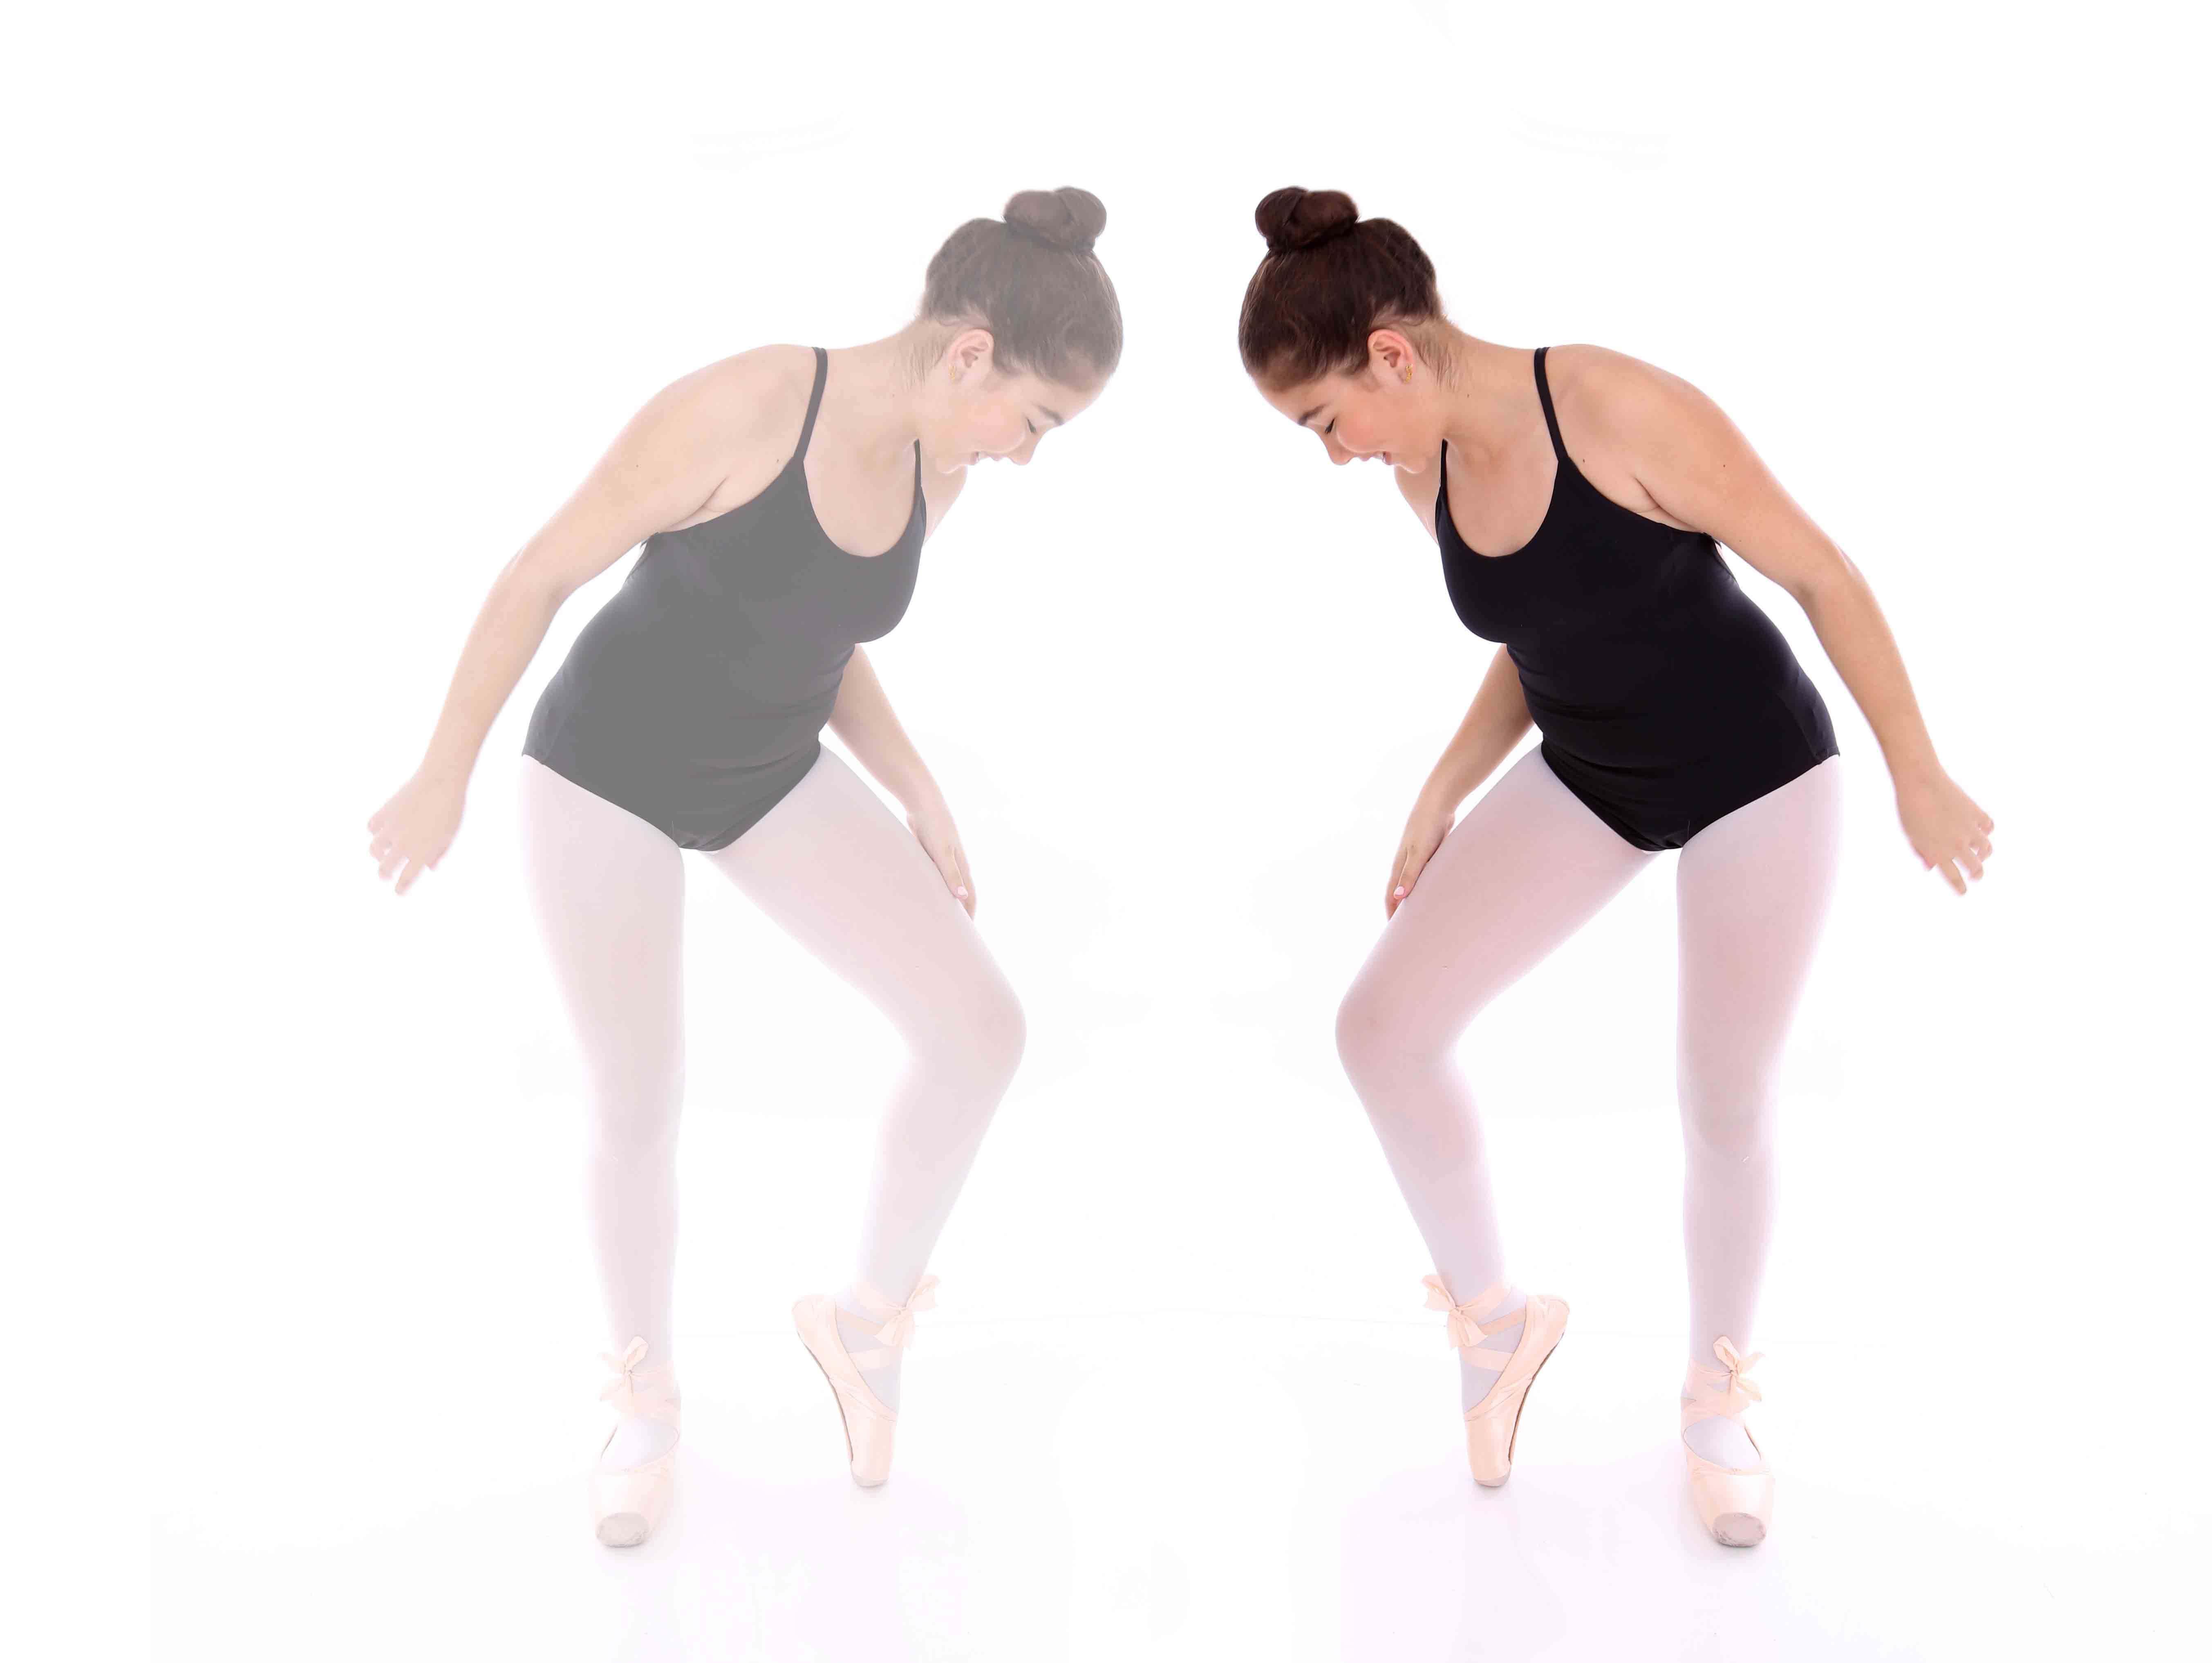 בוק בת מצווה, רקדנית - סטודיו לצילום דנה אופיר